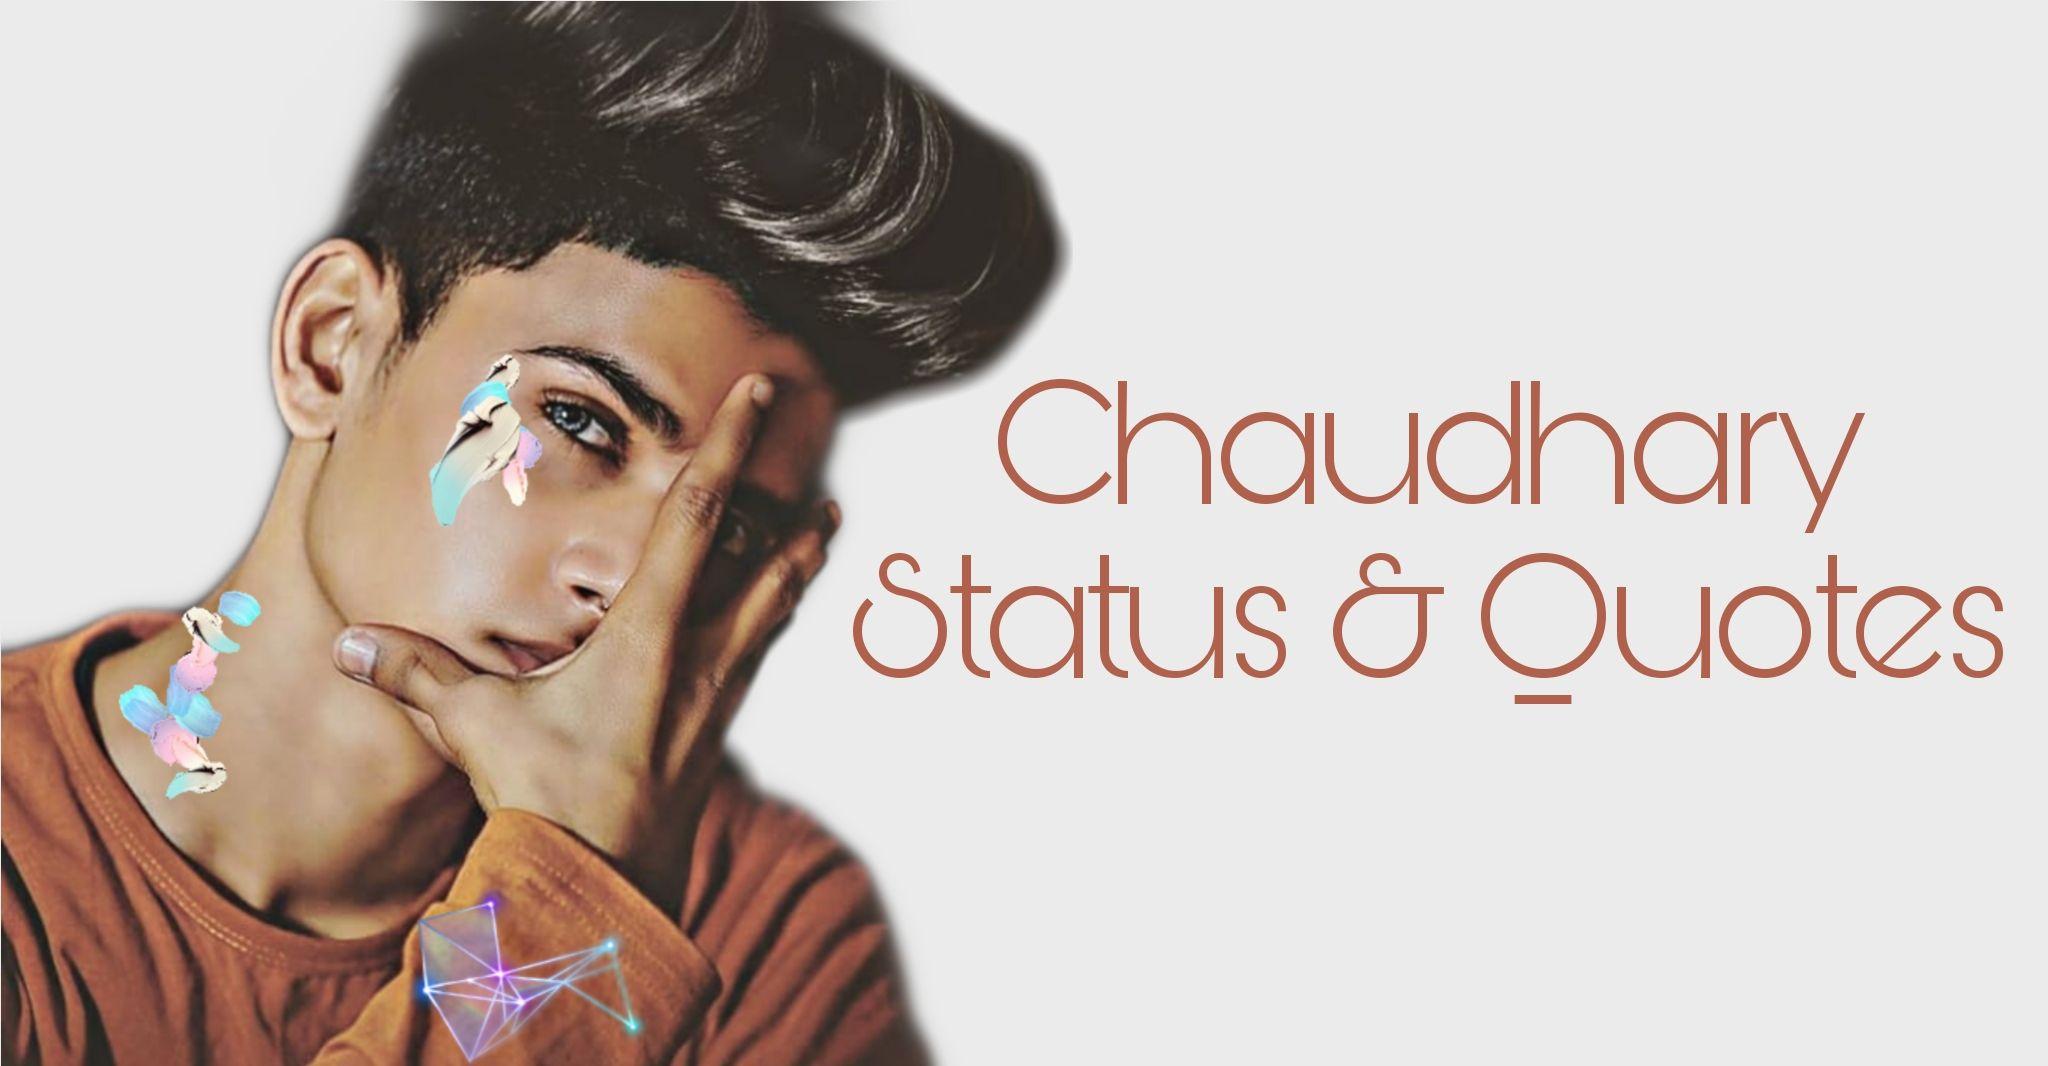 Chaudhary Status, Chaudhary Status in Hindi, status for Chaudhary, Chaudhary Status Hindi, Chaudhary Whatsapp status, Sirvi Status